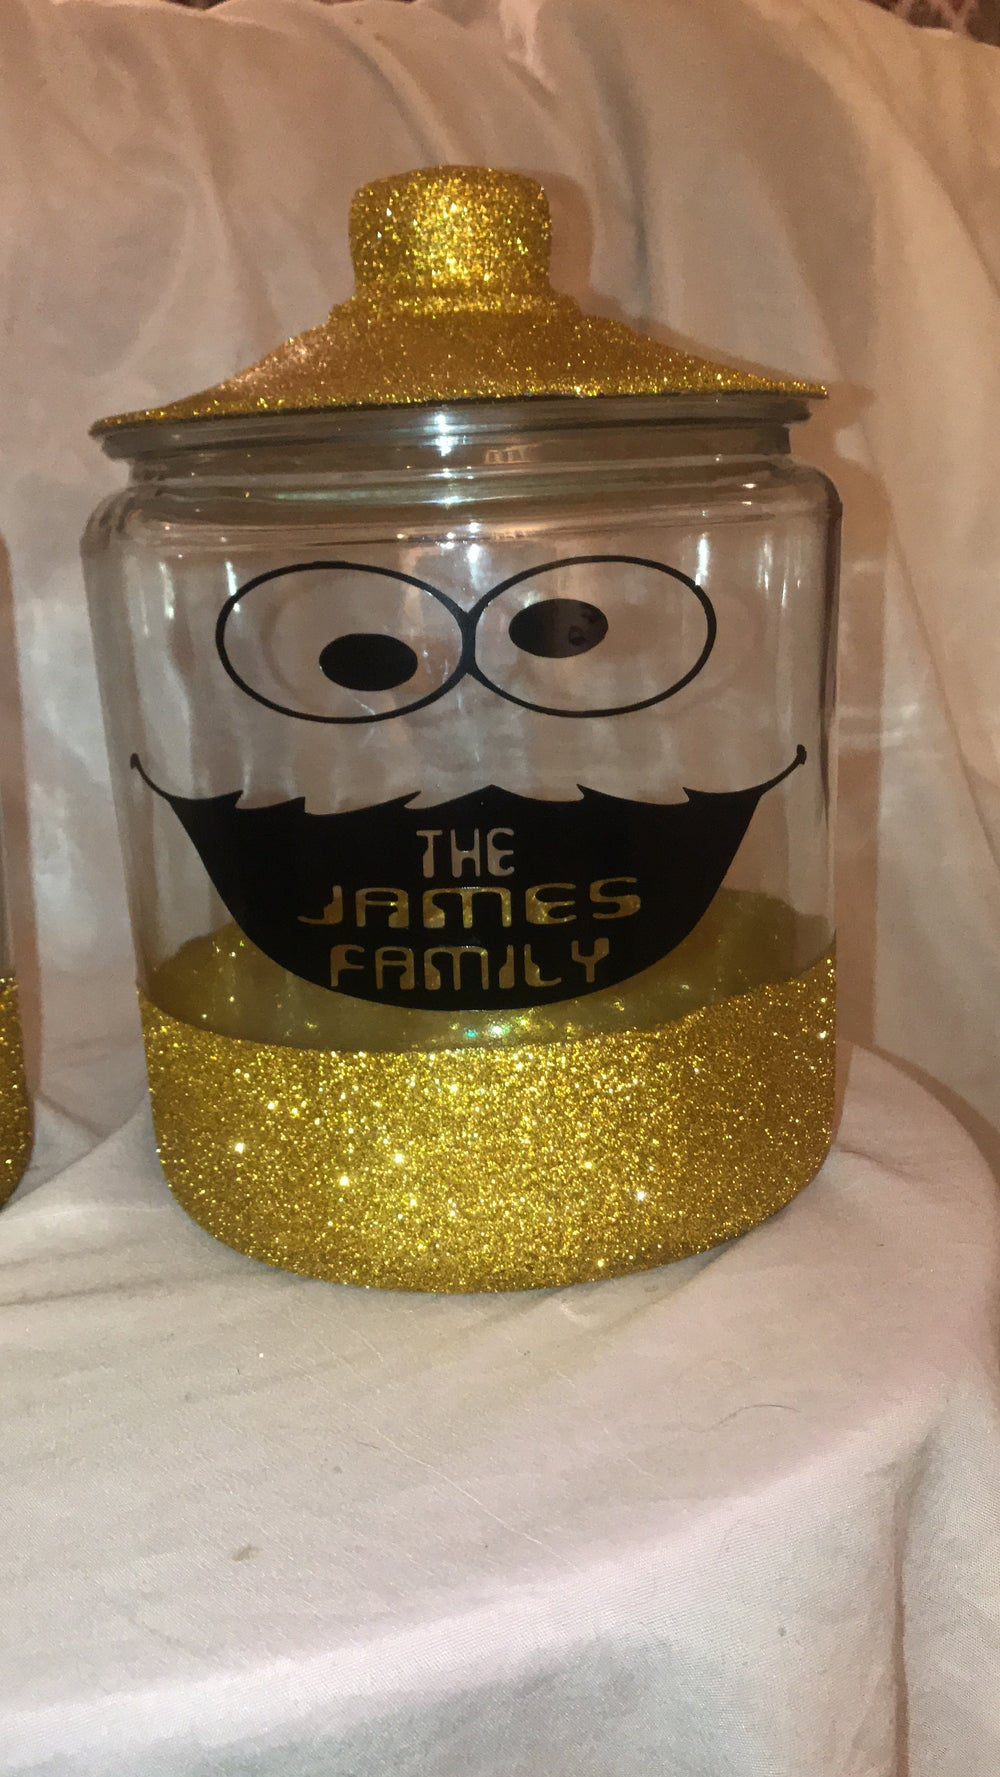 Image of Cookie jar